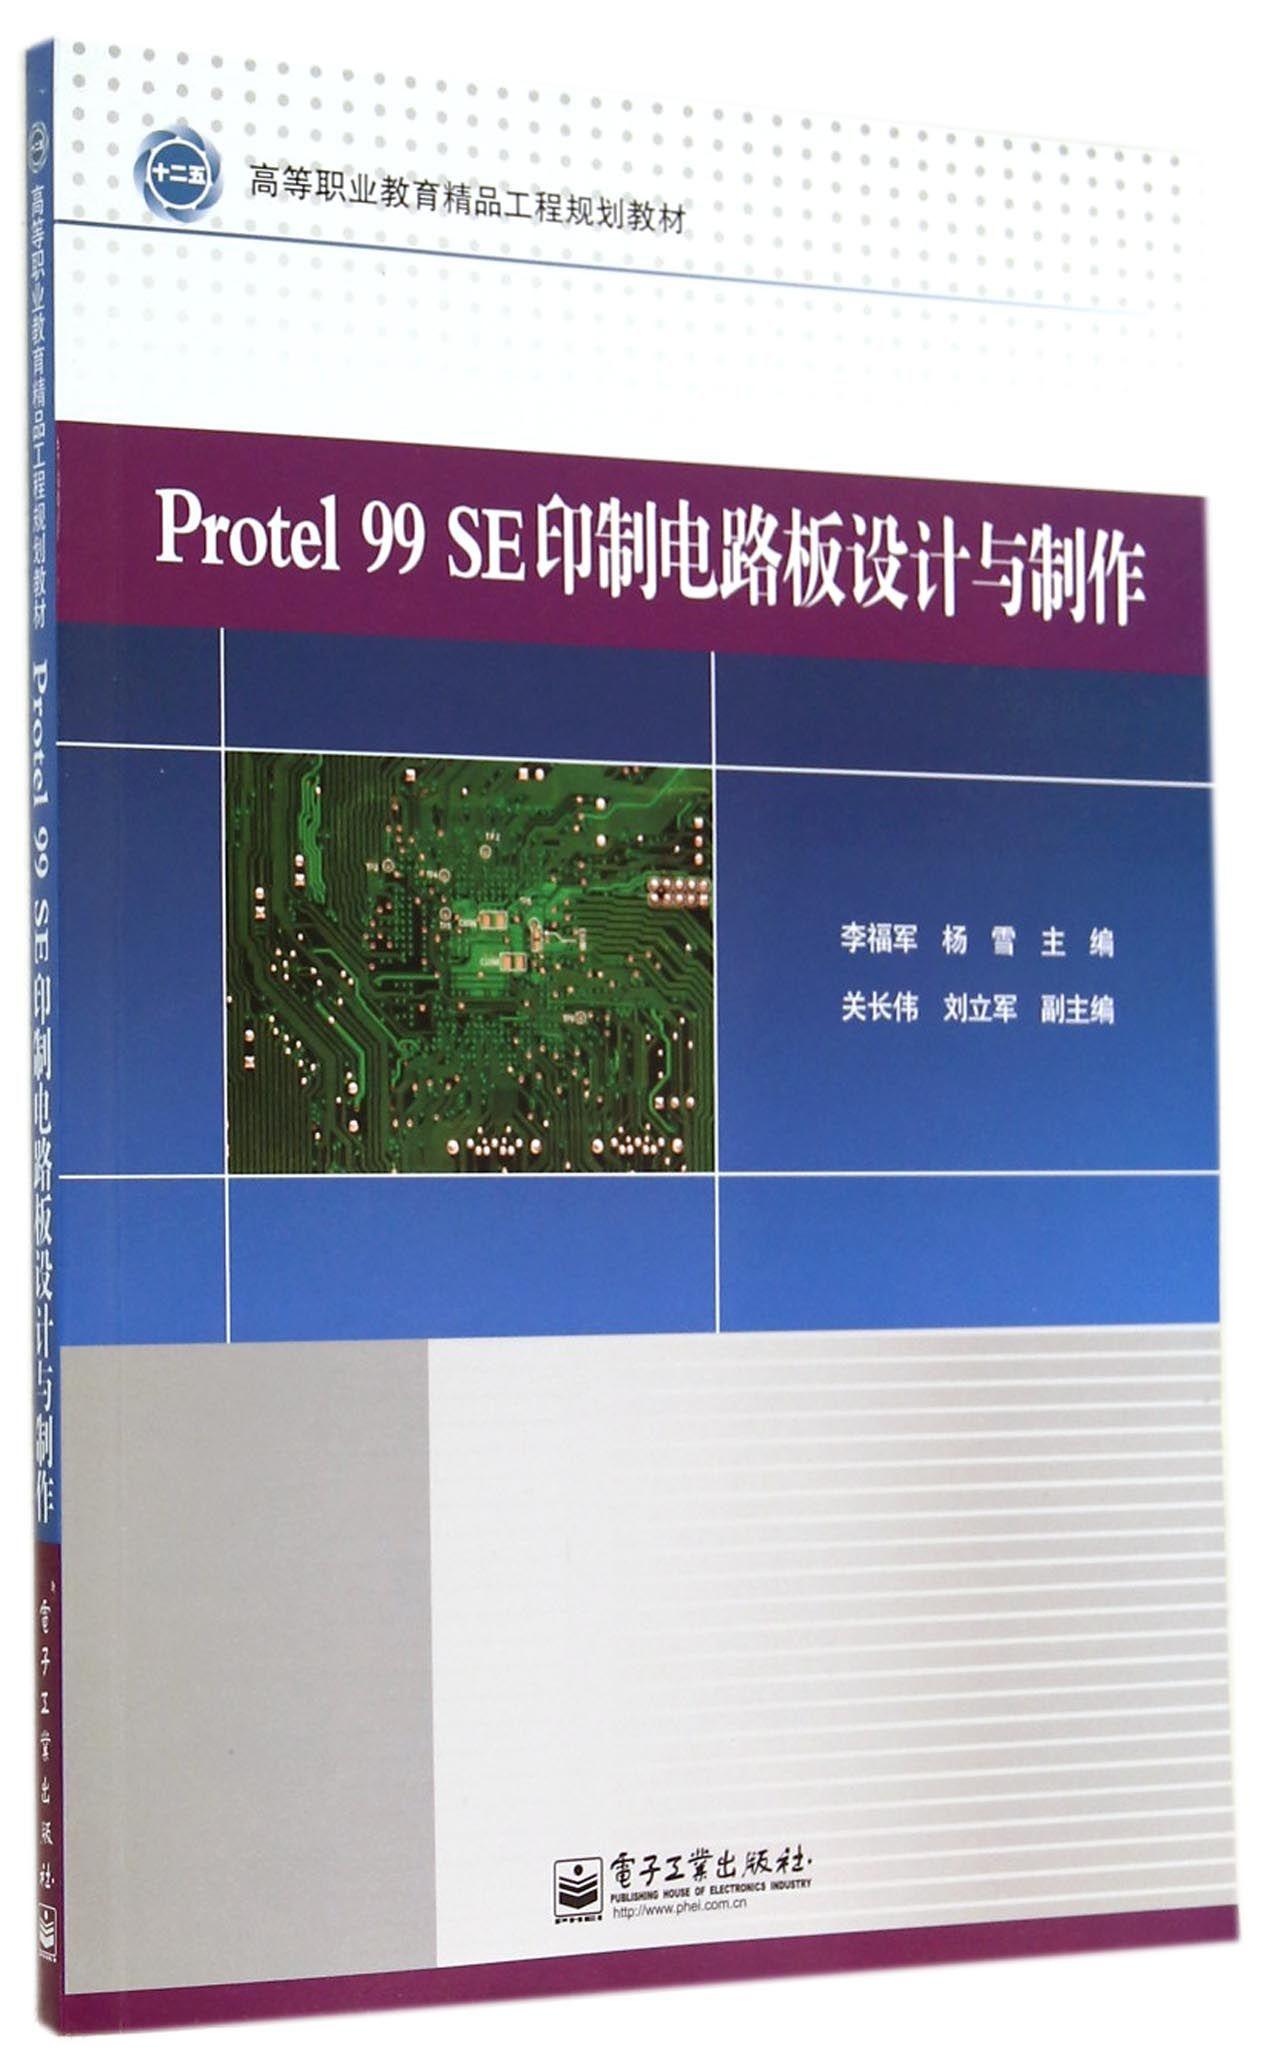 protel99se印制电路板设计与制作(高等职业教育精品)